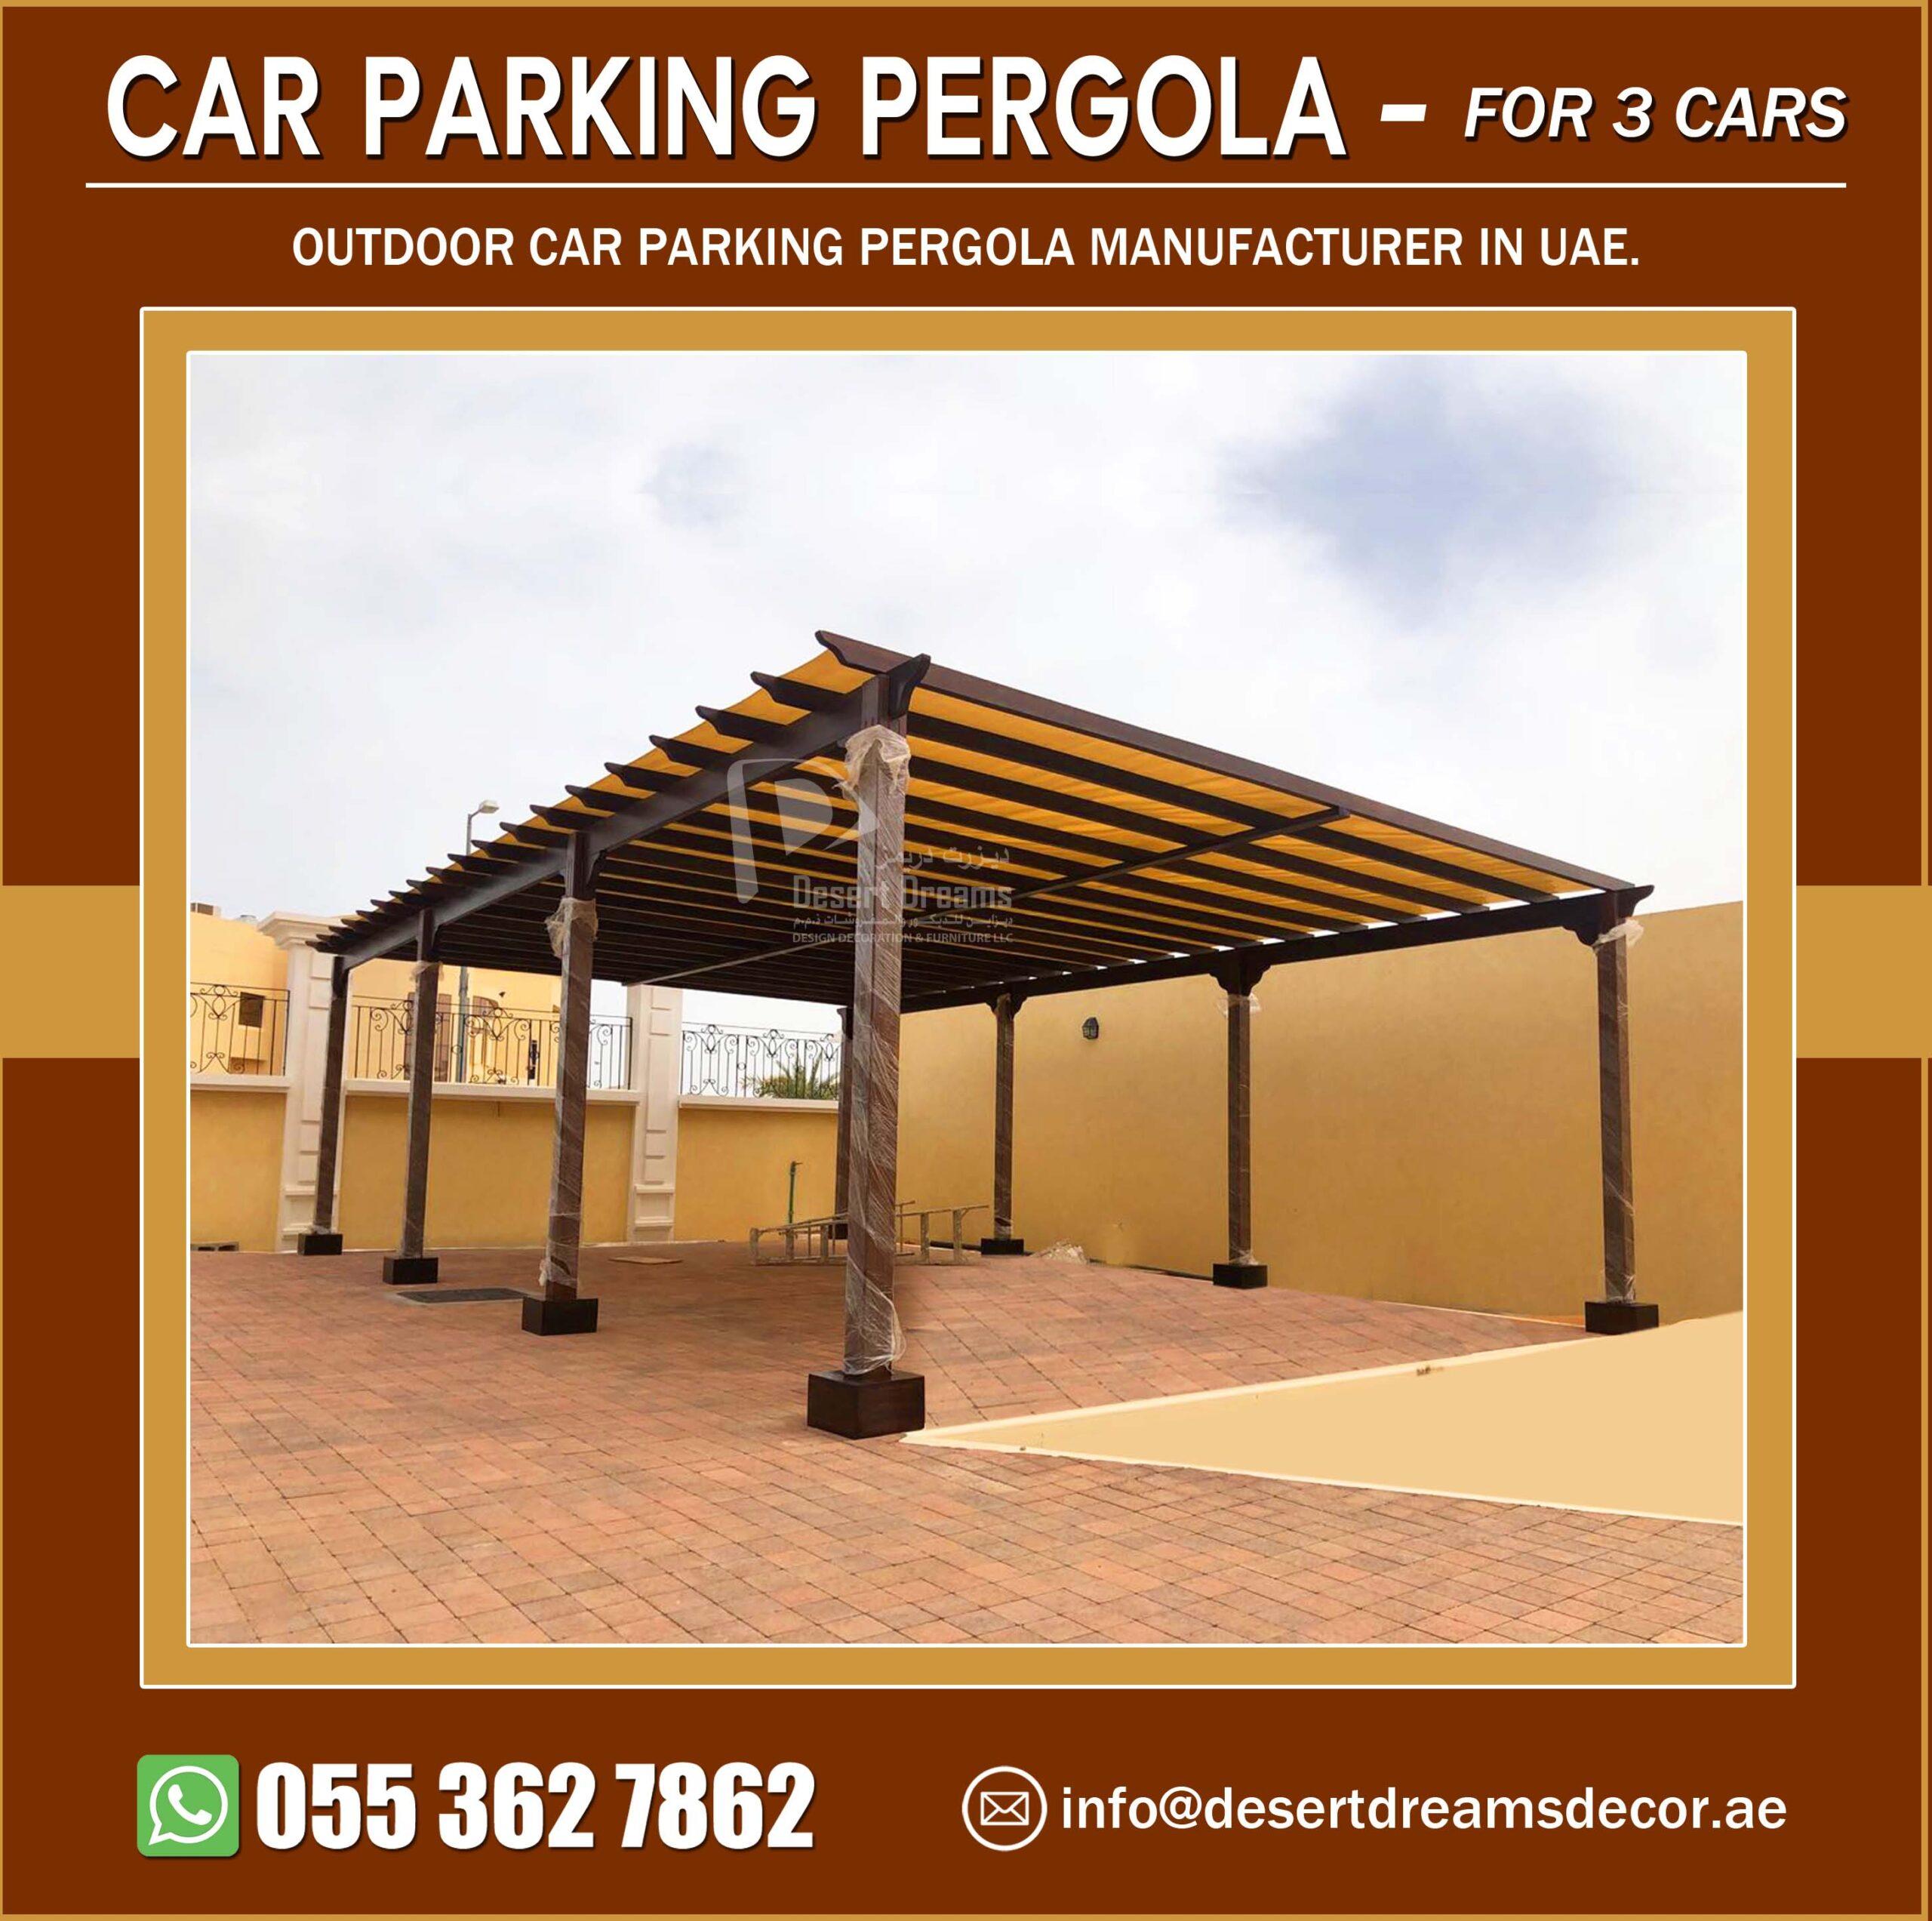 Three Cars Parking Pergola Manufacturer in UAE.jpg